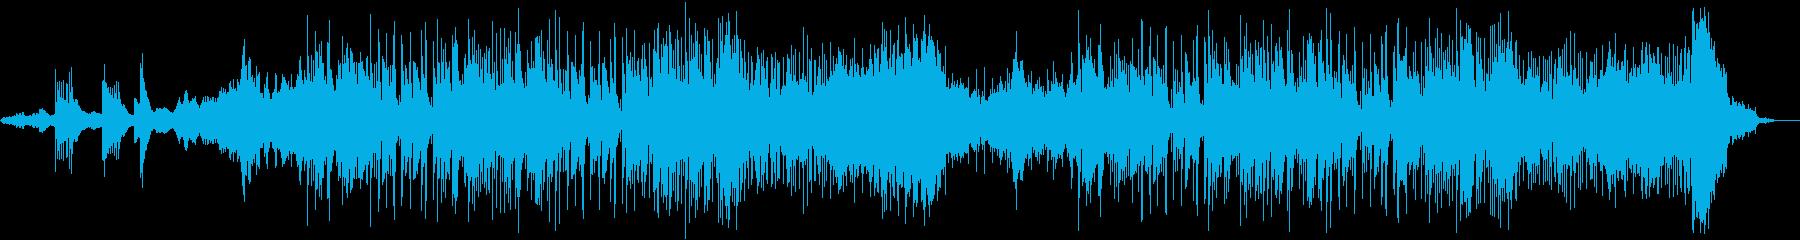 幻想的な和風曲(long)の再生済みの波形